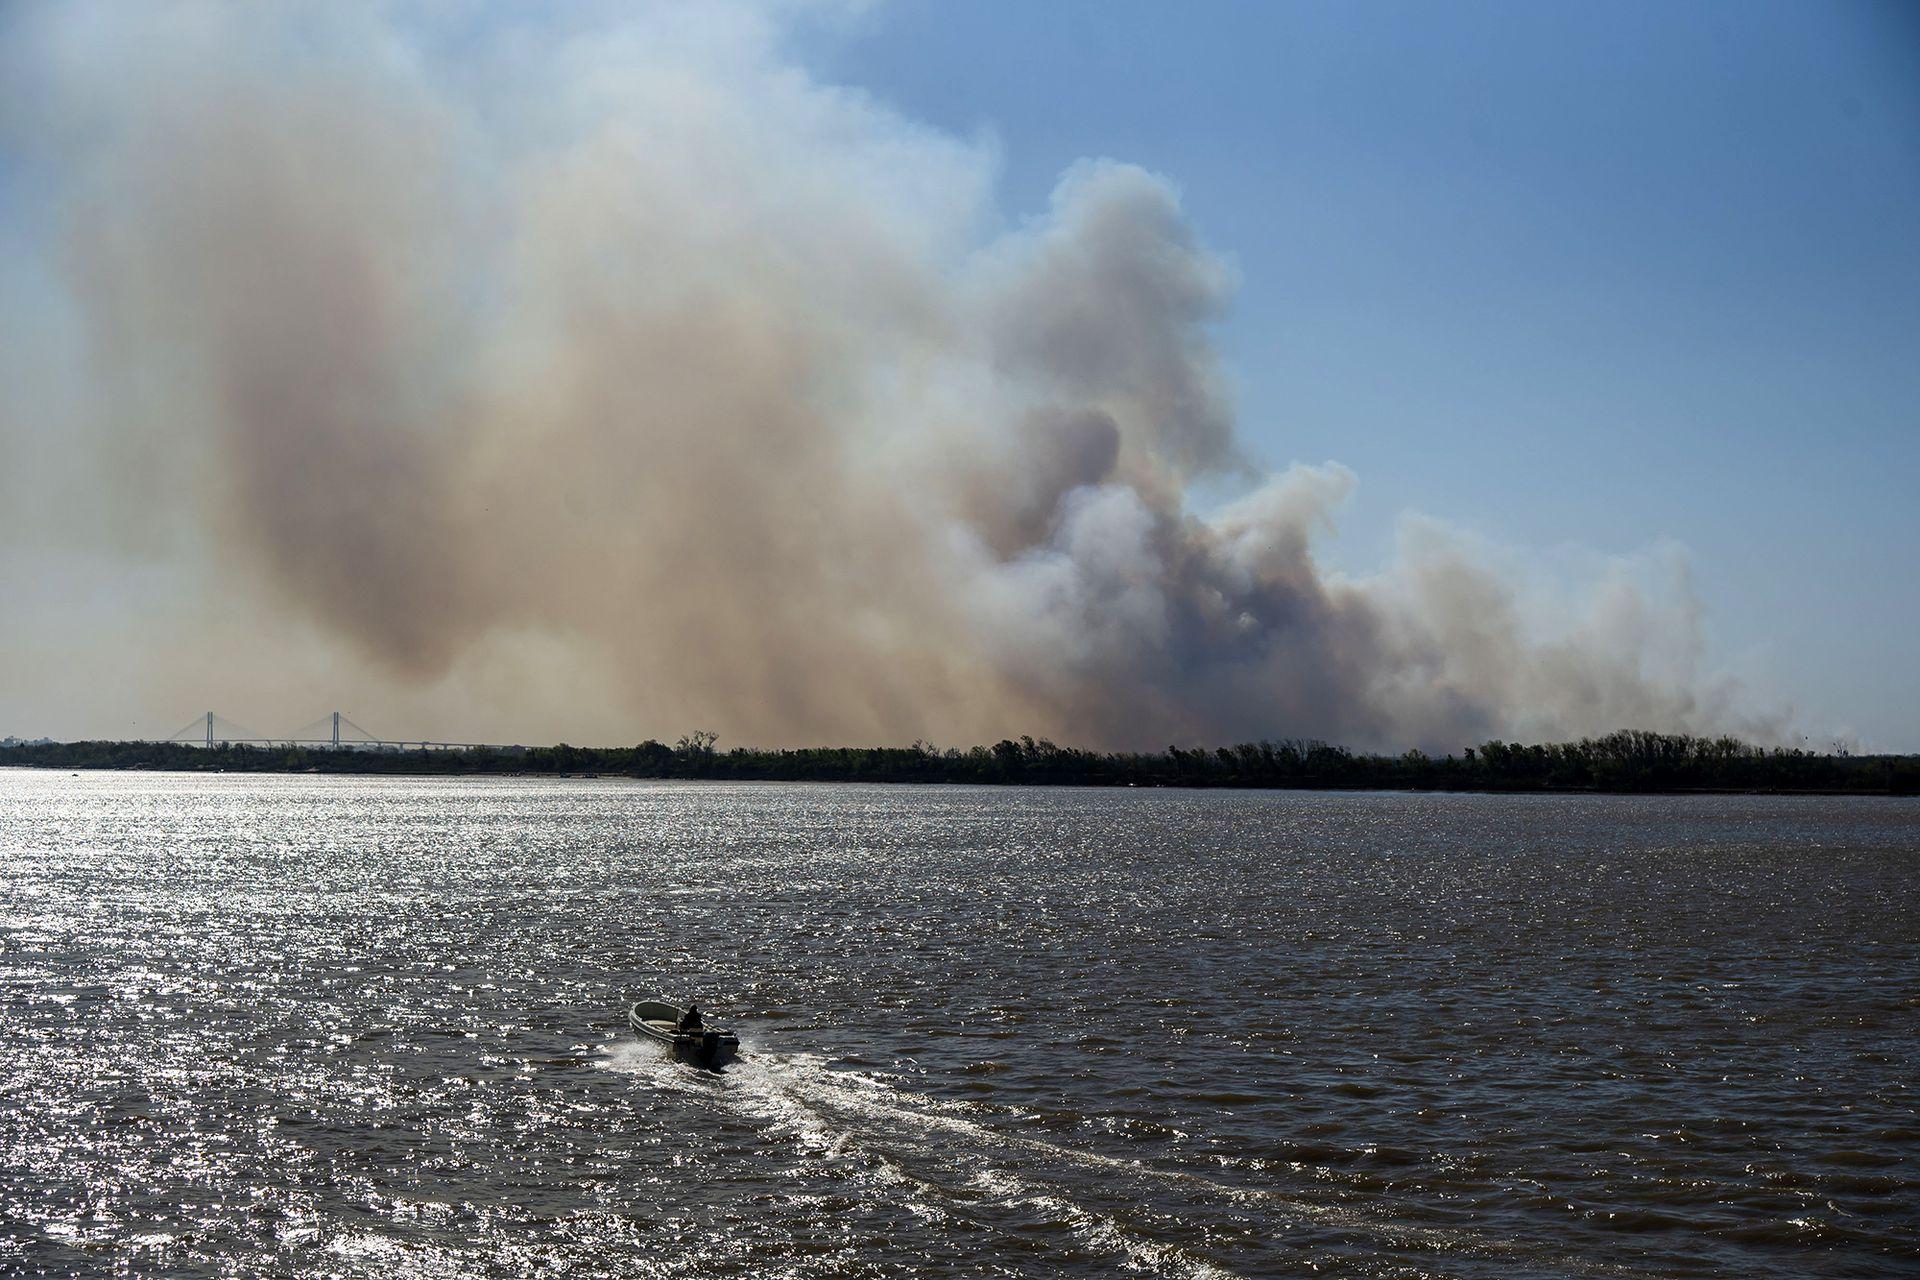 Desde las organizaciones ambientalistas calculan que, en los últimos 20 meses, se incendiaron unas 900.000 hectáreas sobre los 2,3 millones totales del Delta